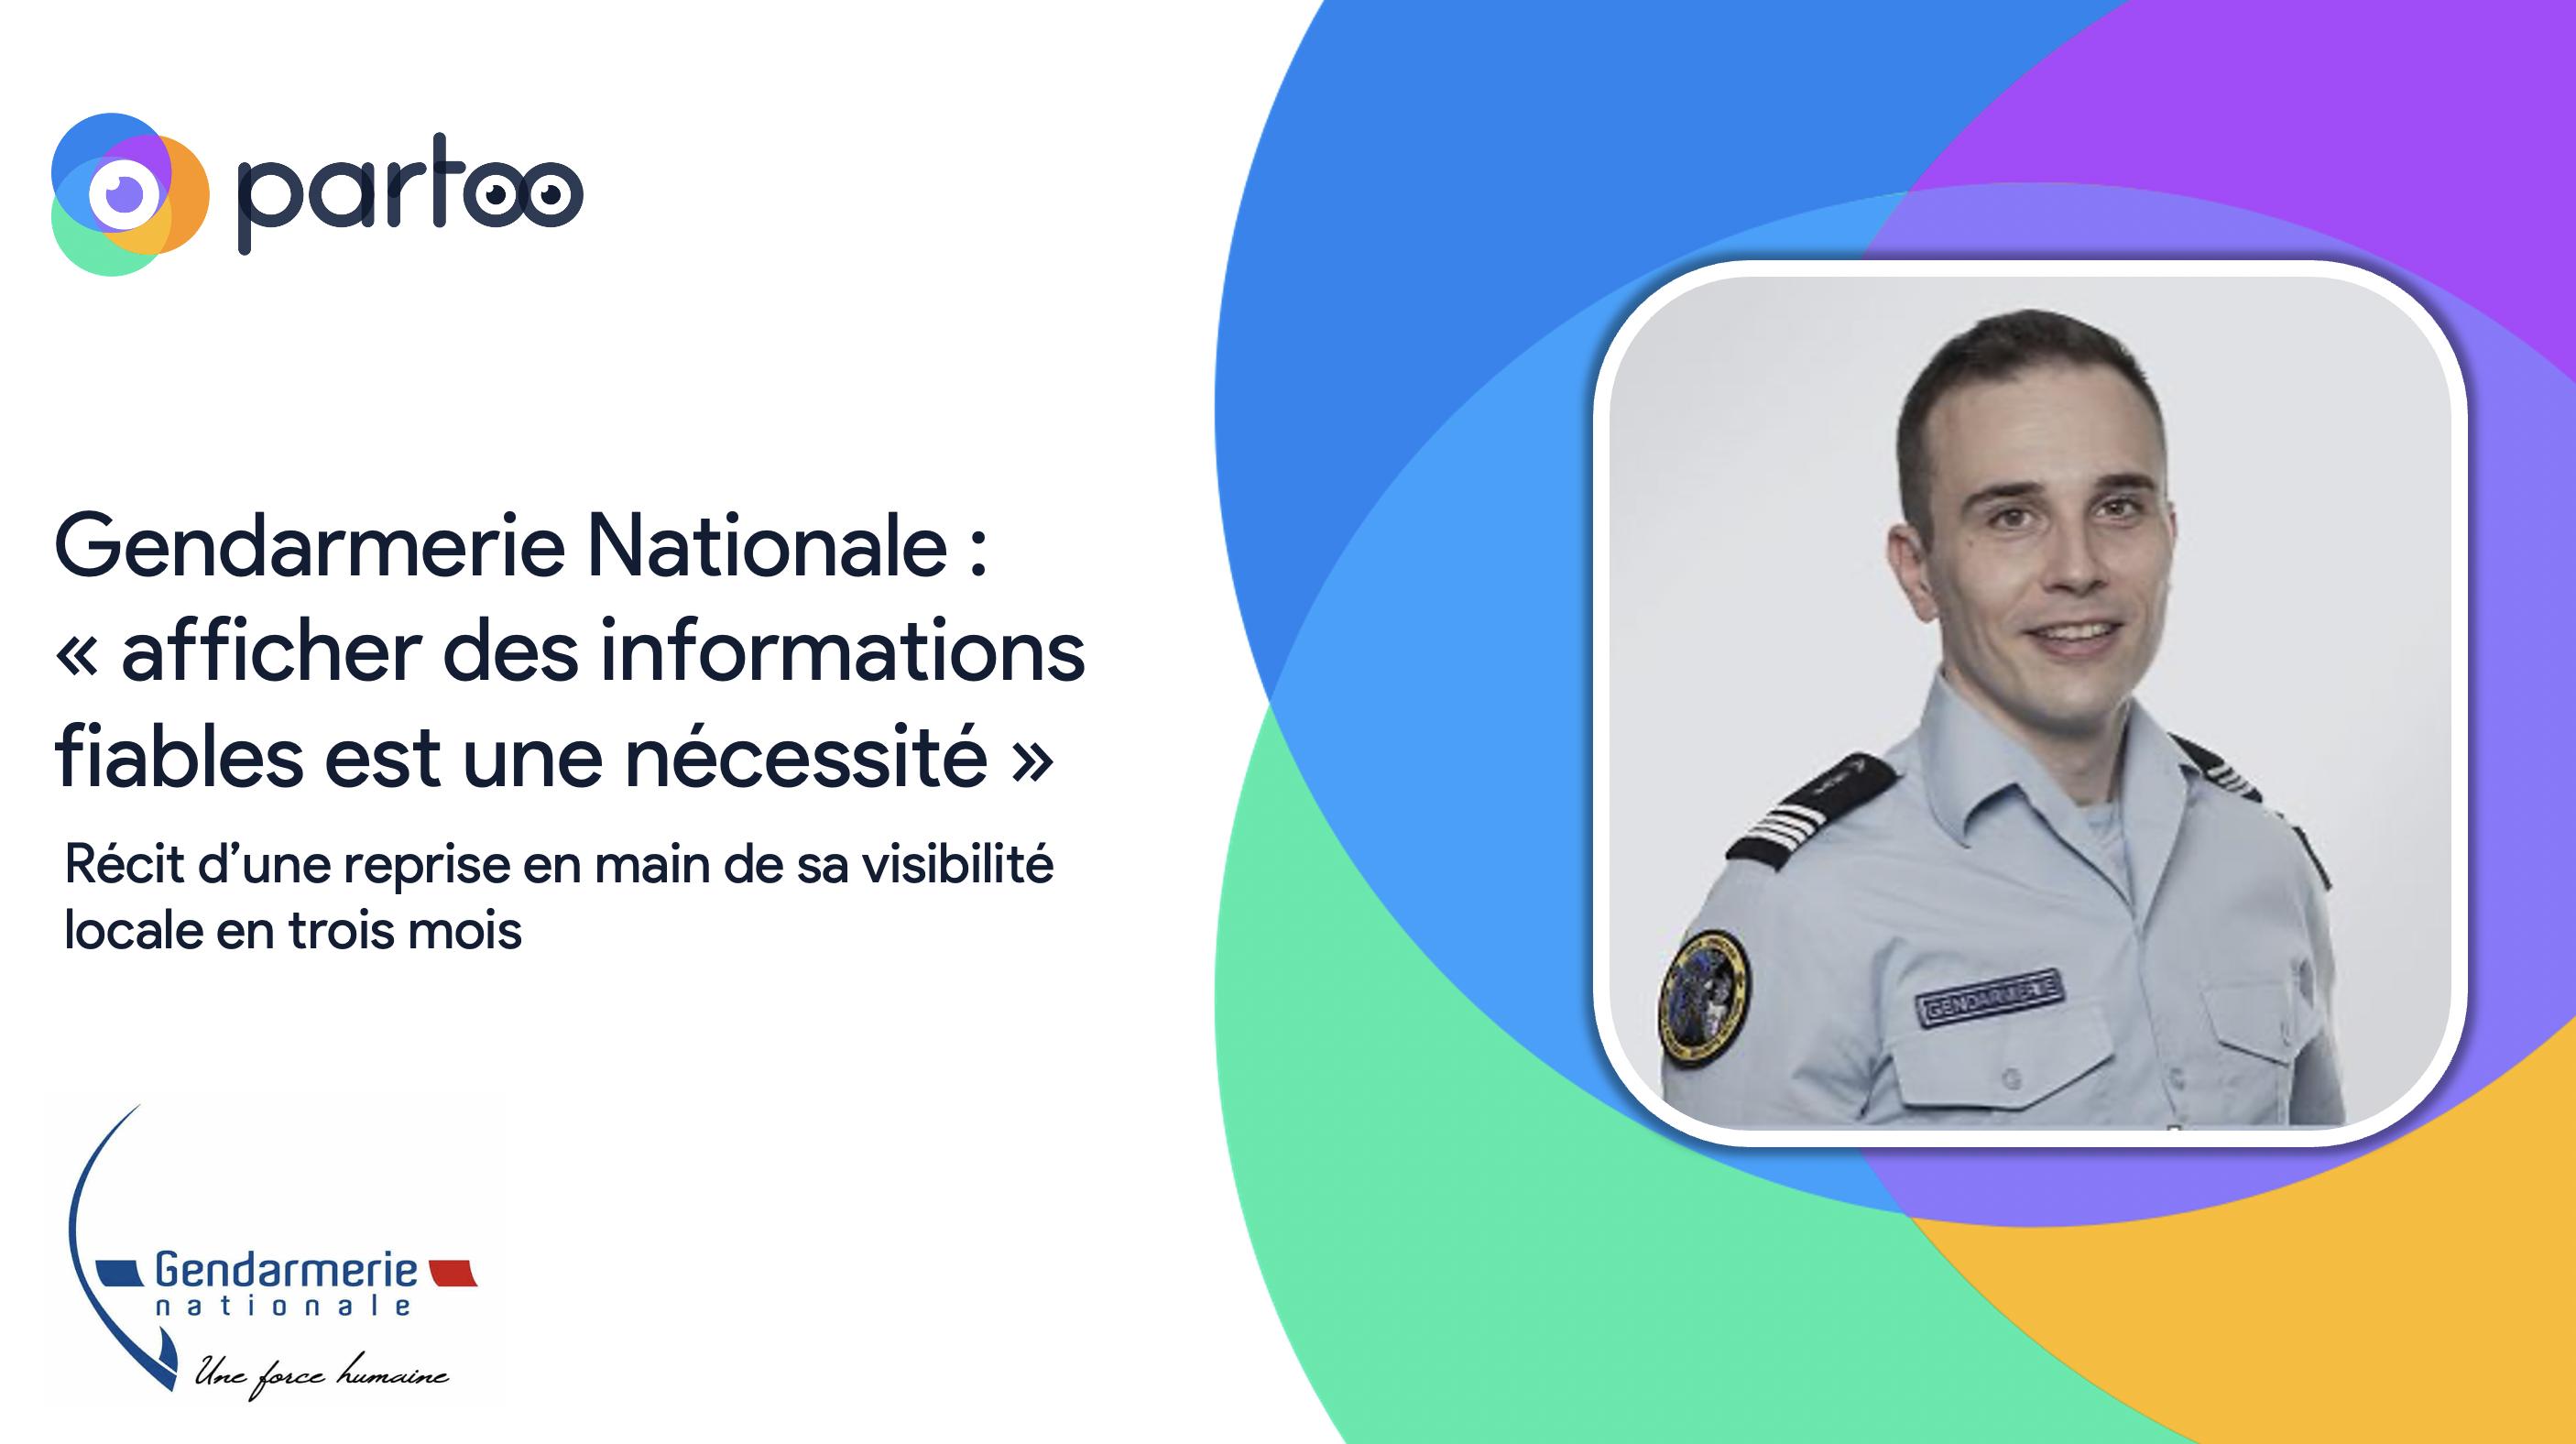 Stratégie digitale locale de la Gendarmerie Nationale Partoo